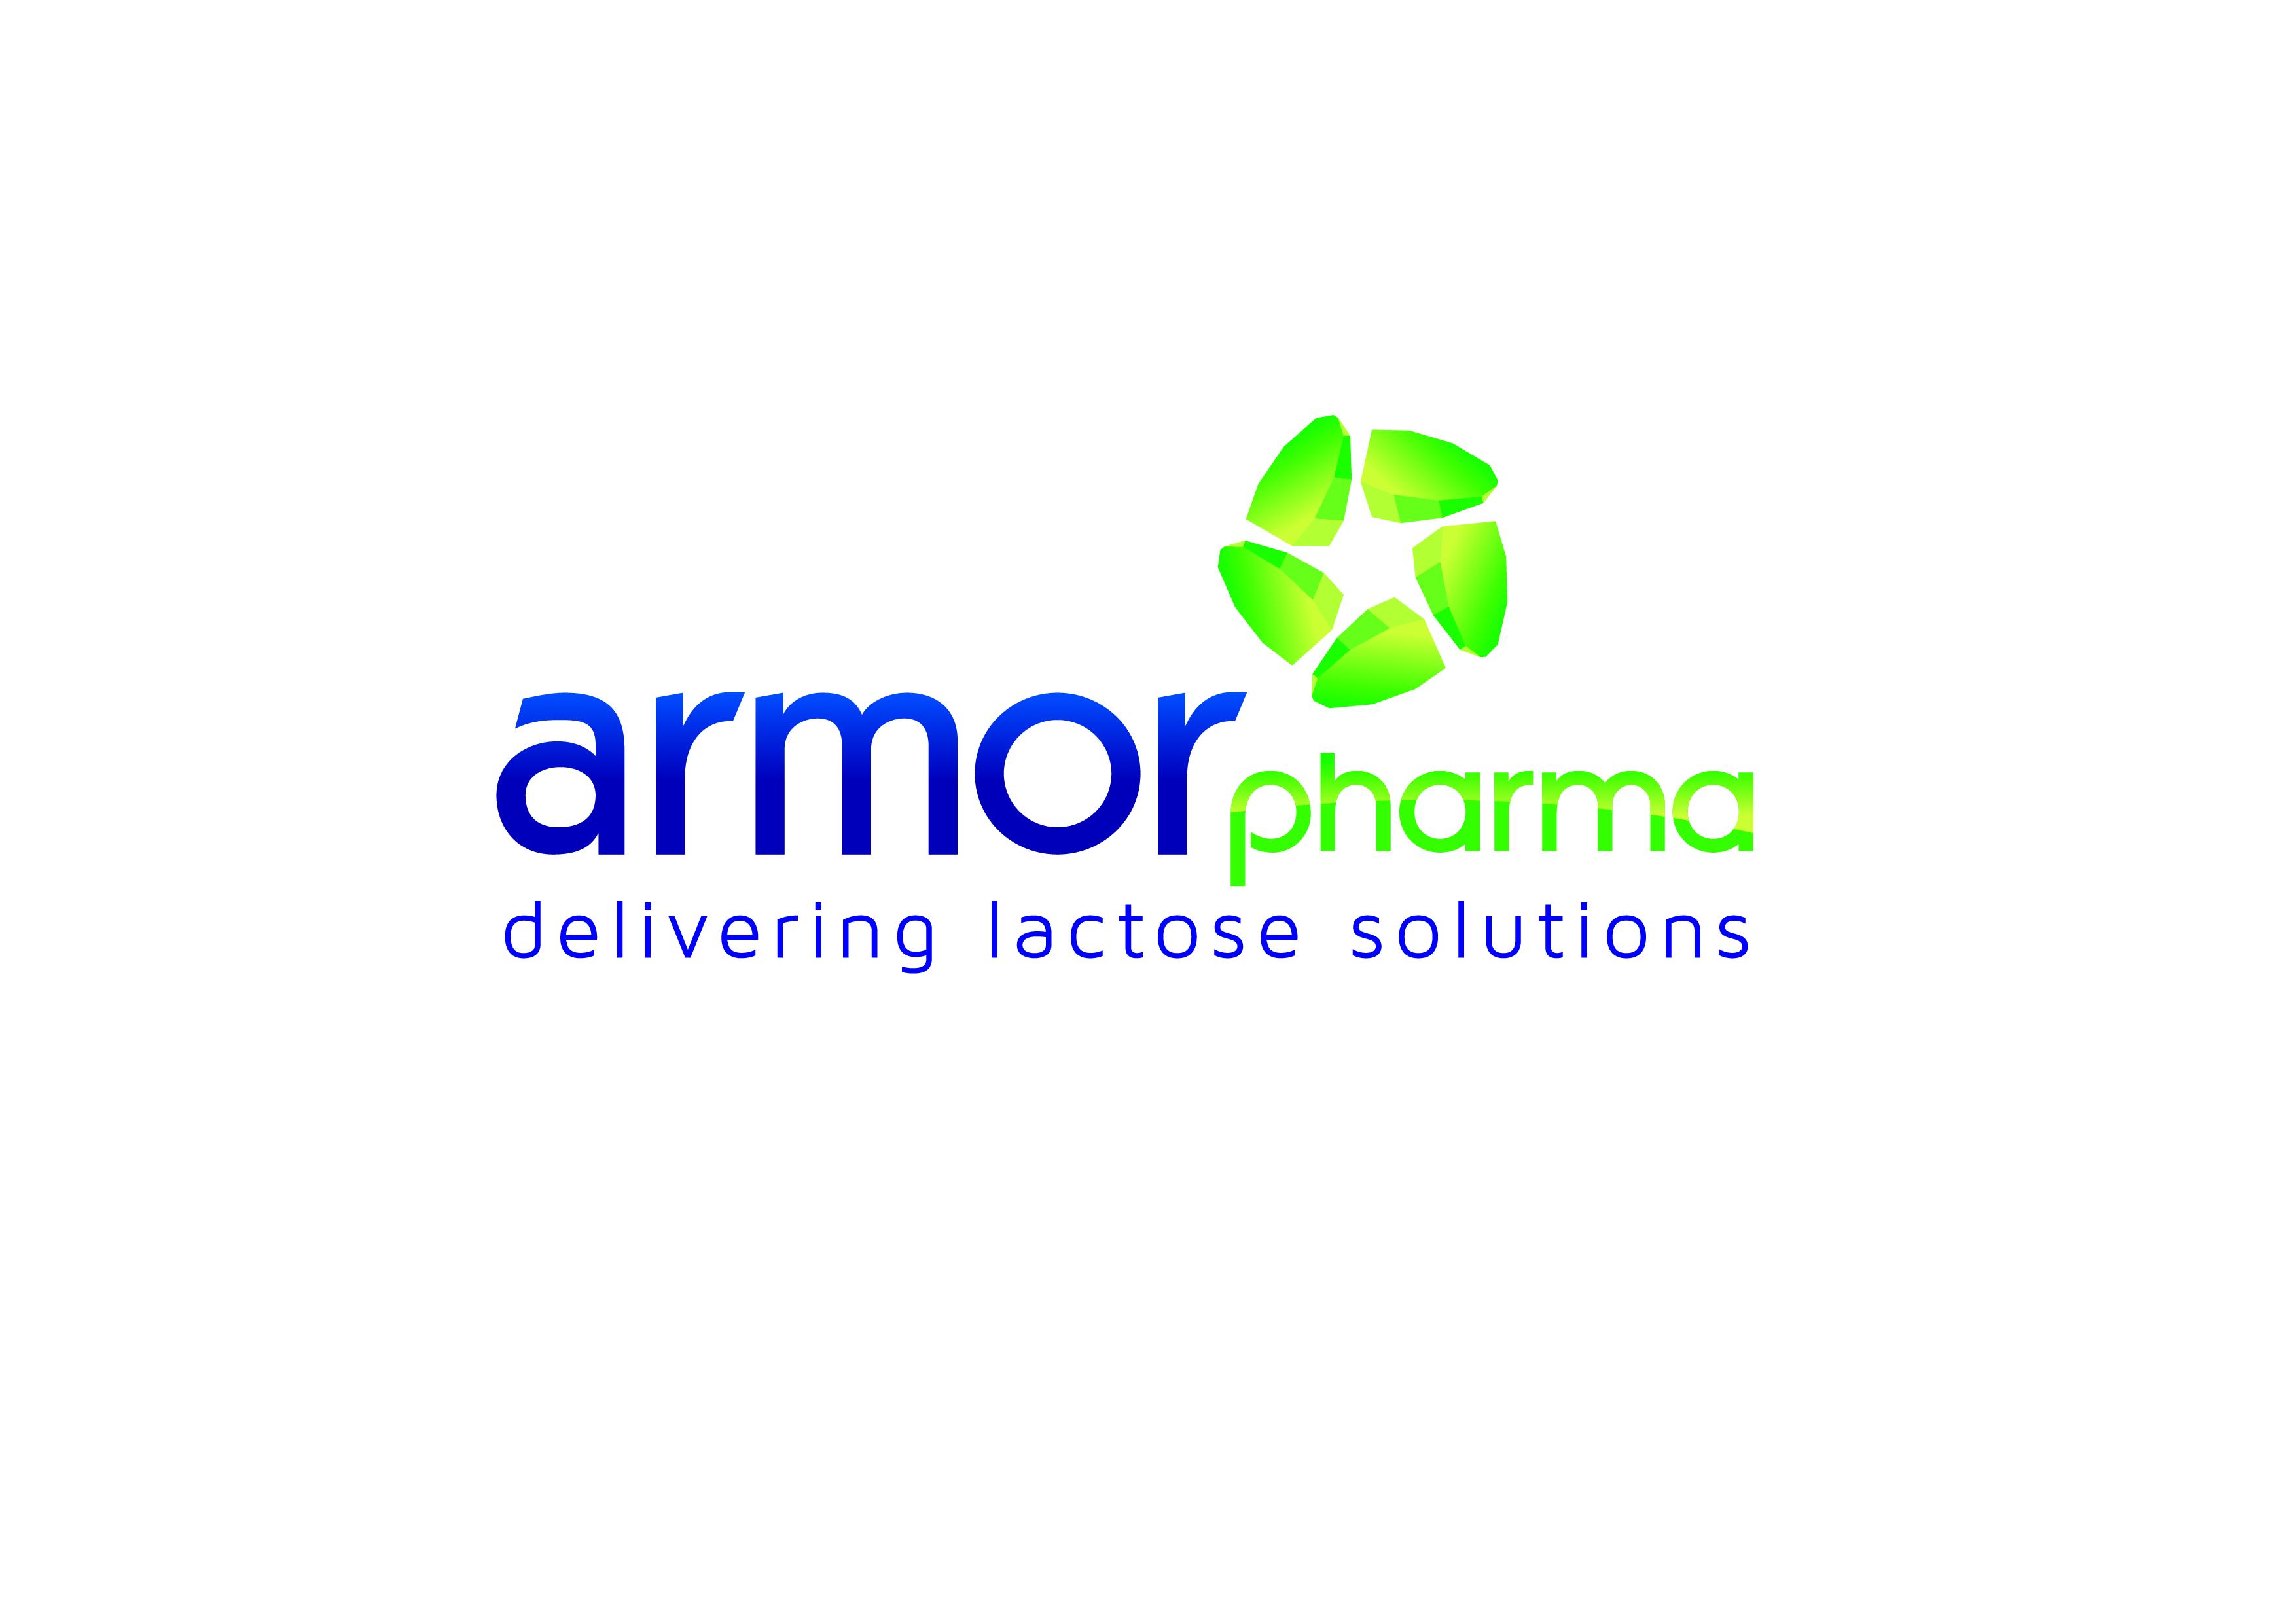 https://www.armor-pharma.com/